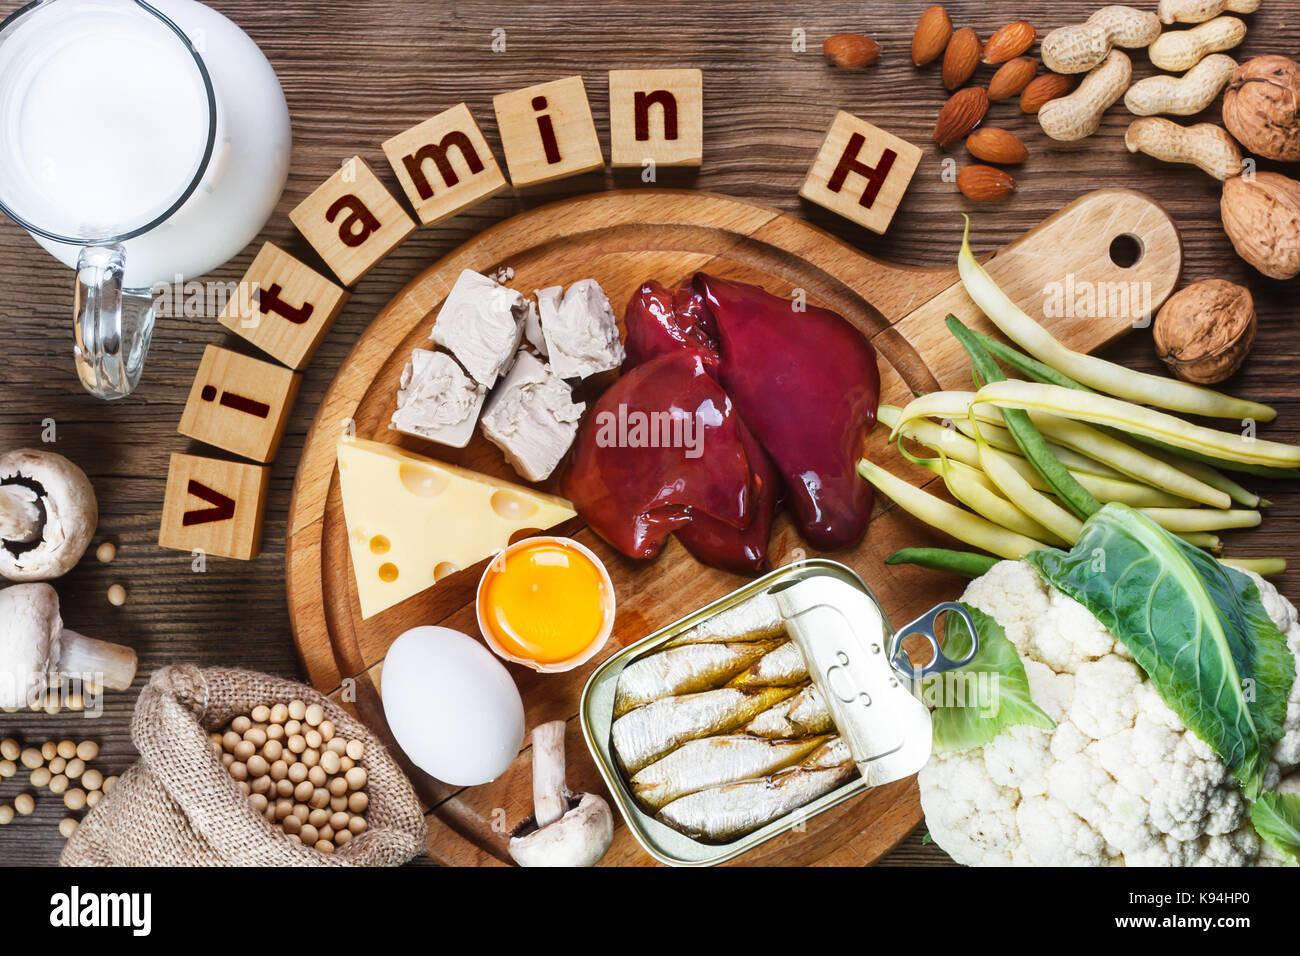 Los alimentos ricos en vitamina H (biotina). Los alimentos como hígado, yema de huevo, levadura, queso, sardinas, Imagen De Stock